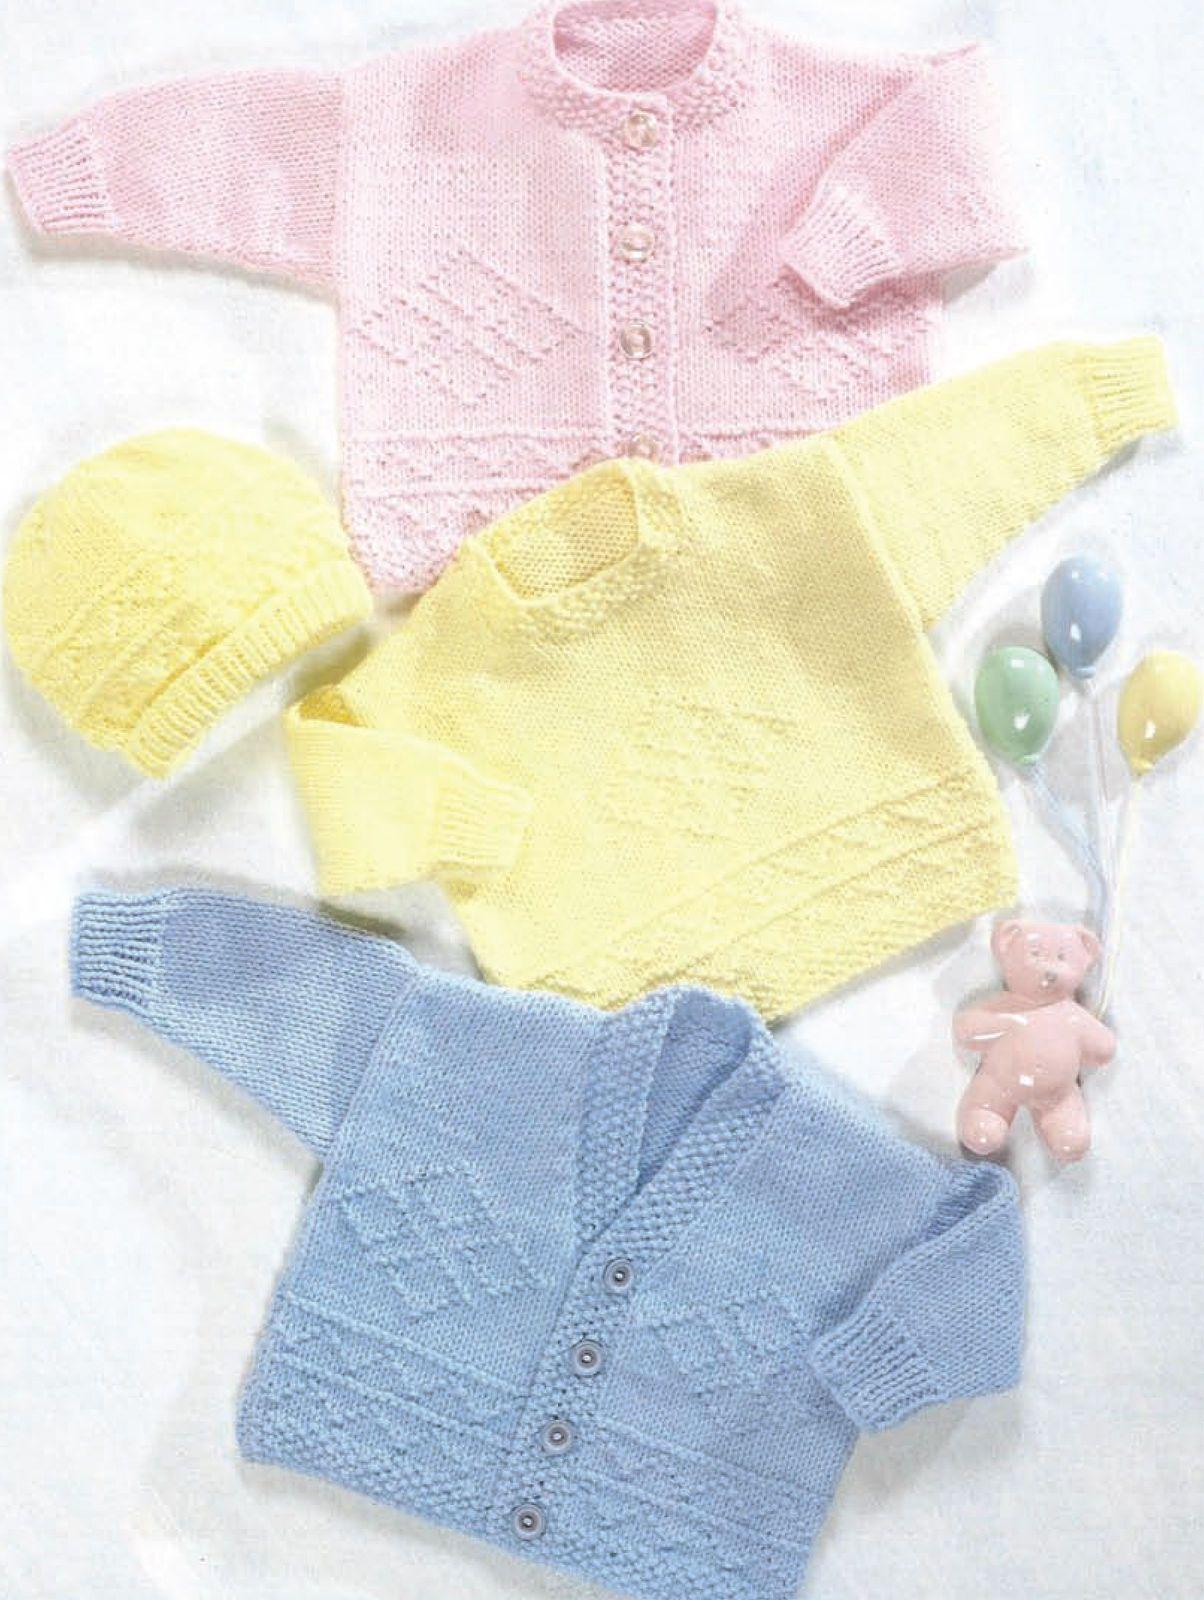 Baby aran sweater cardigan & hat knitting pattern 16/24 (503)   Babies